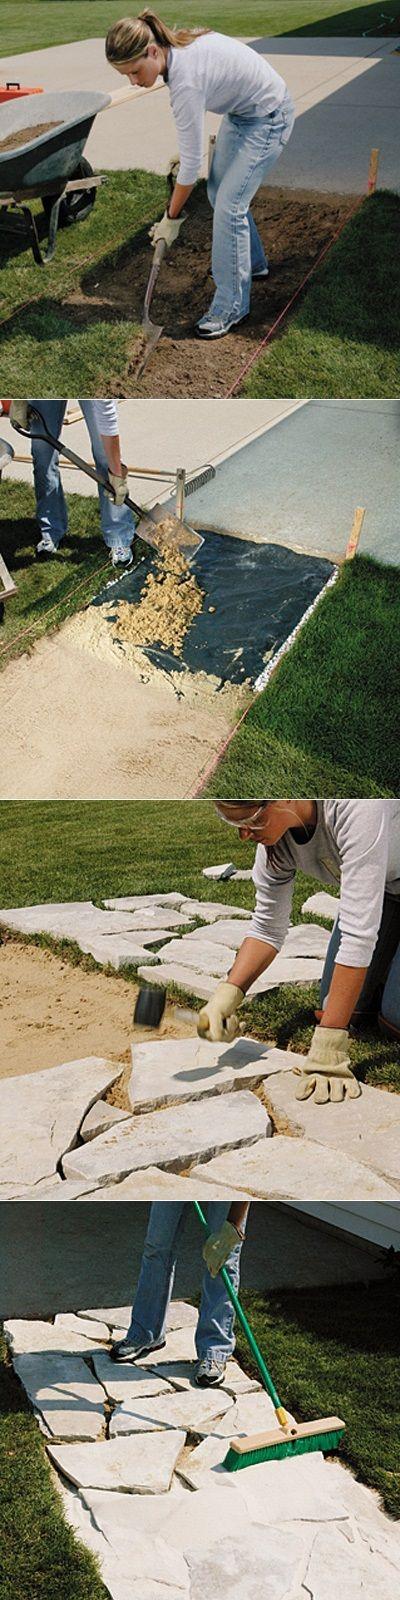 Cómo instalar calzada de piedra: Coloque el camino. Llenar el lecho de grava y arena. Hacer un diseño del ensayo. Cortar y colocar las piedras. Compruebe si hay Flatnes. Barrer arena de albañilería en las articulaciones. Materiales: • Paisaje • Piedras tela • • Ropa de cama de arena de Mason arena • Grava http://gardenclub.homedepot.com/make-a-dry-laid-stone-walk/